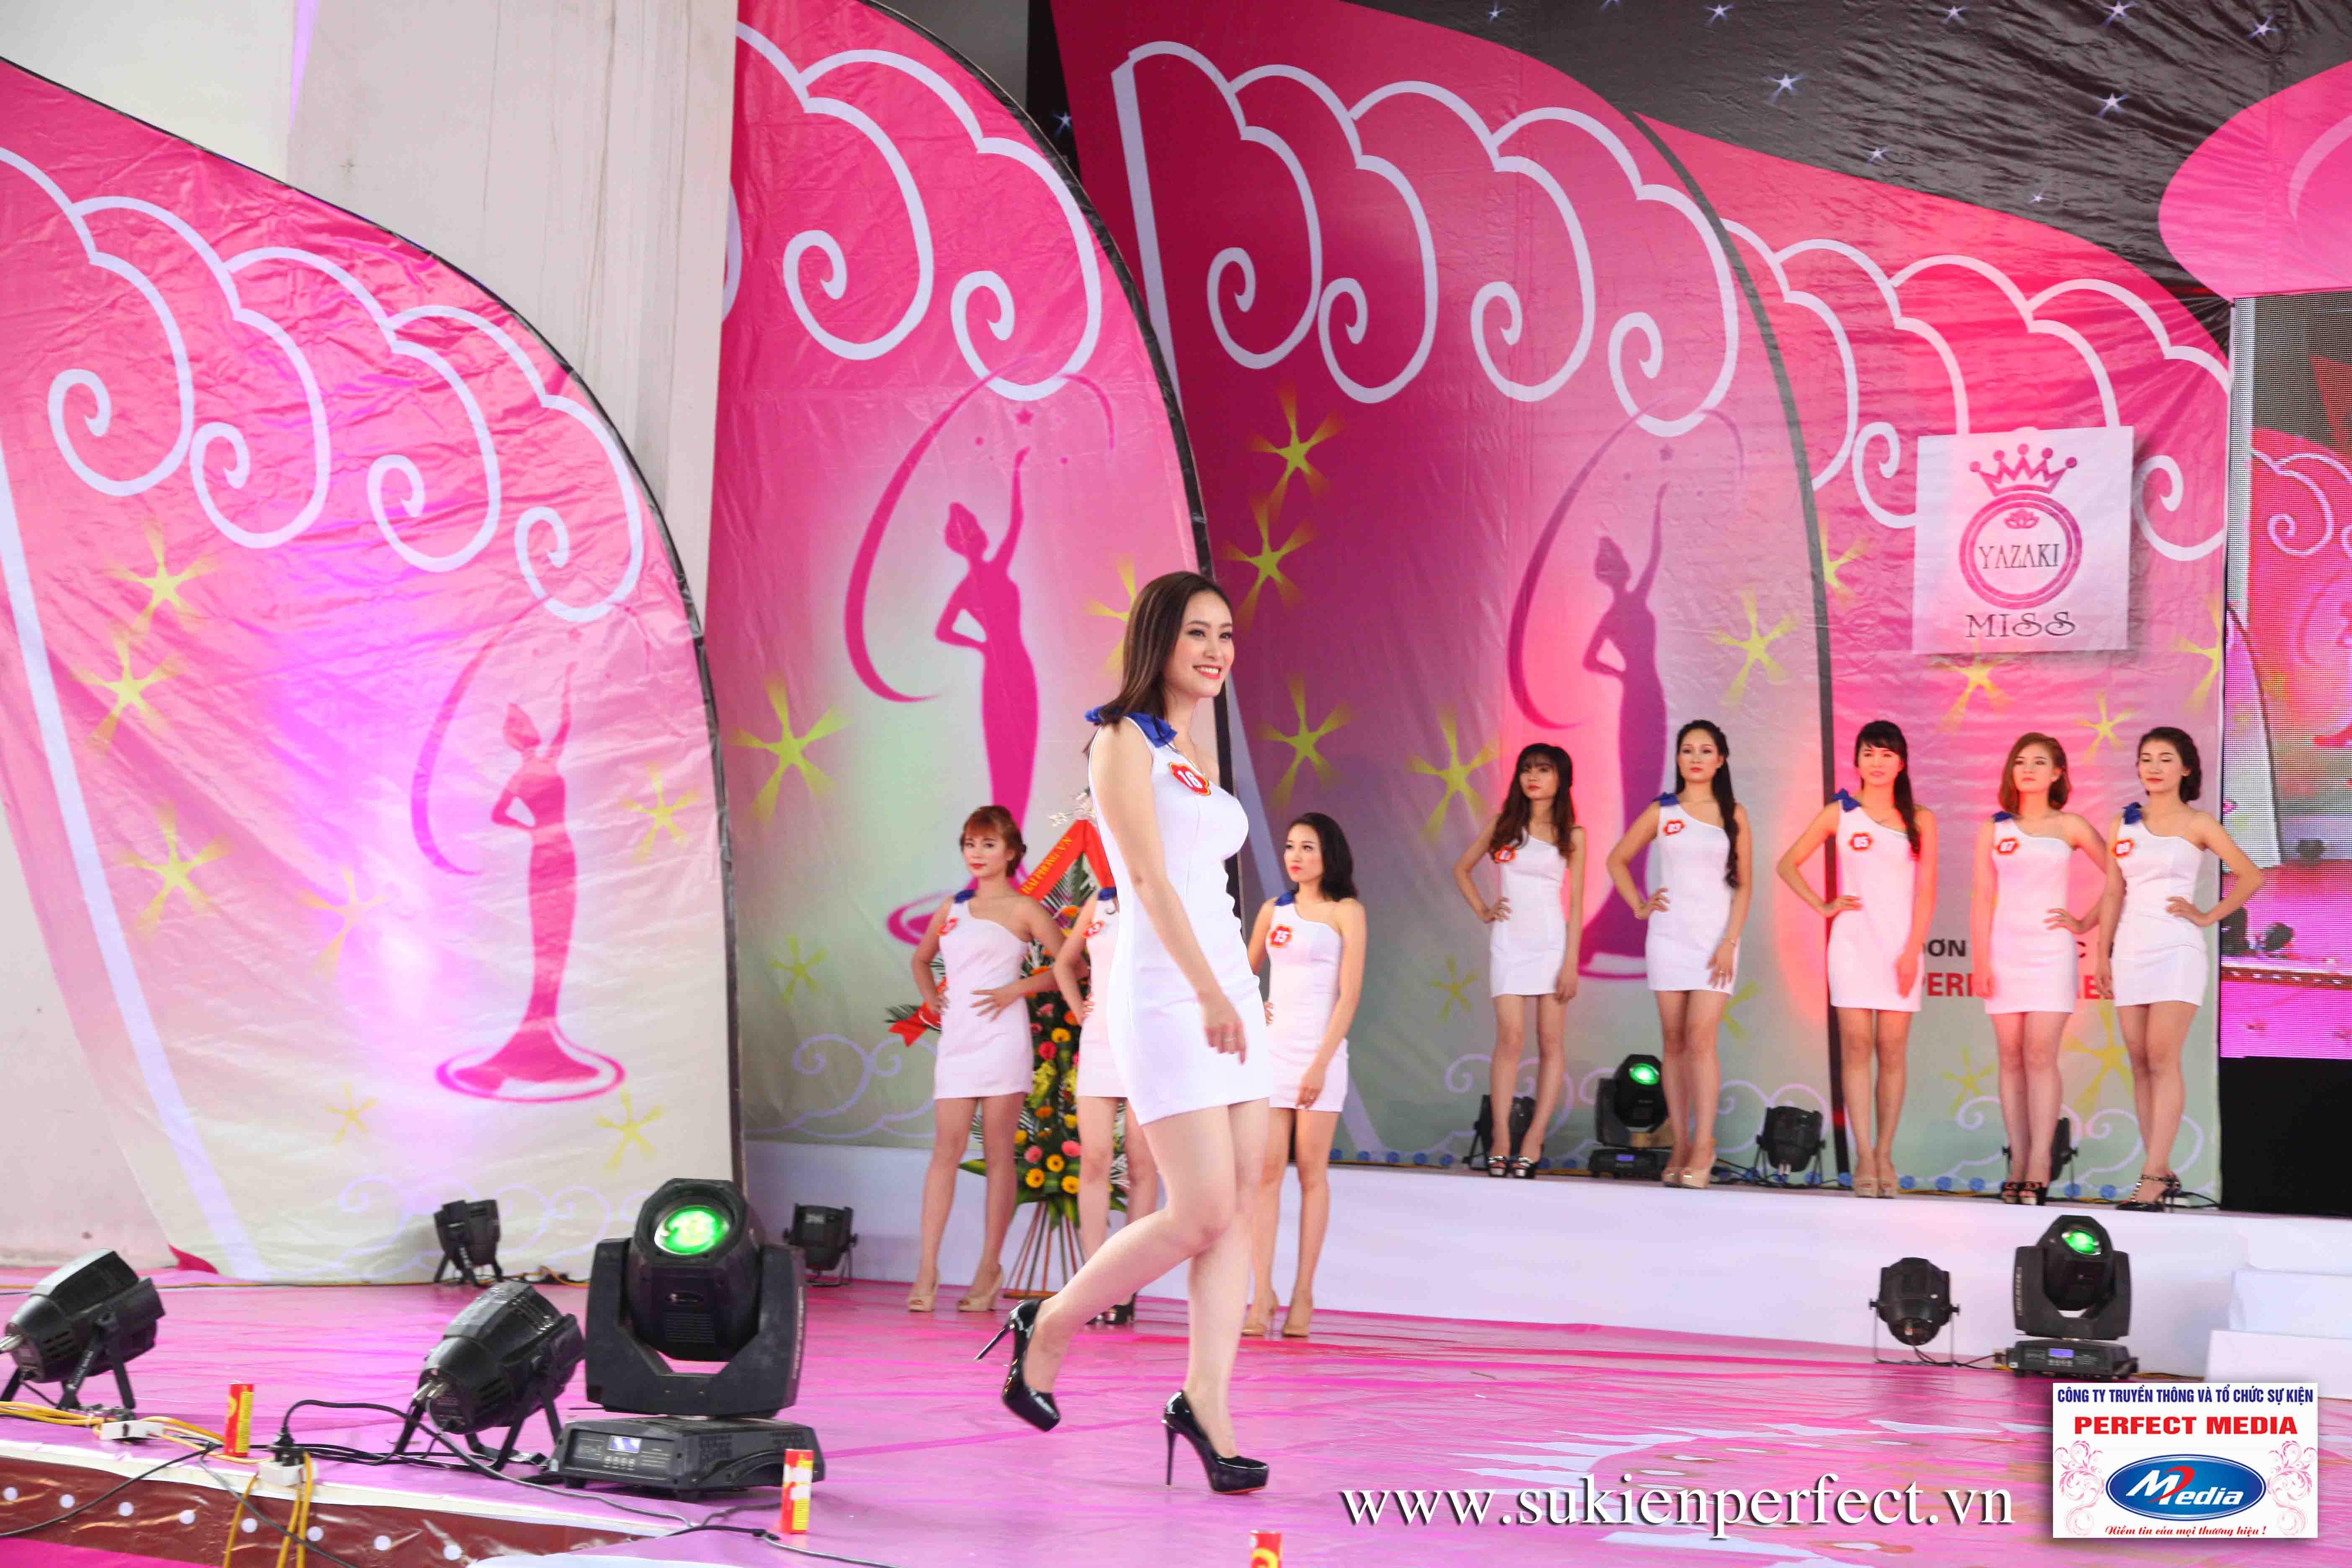 Hình ảnh các thí sinh trong cuộc thi Người đẹp Yazaki Quảng Ninh 2016 (Hình thể) 07